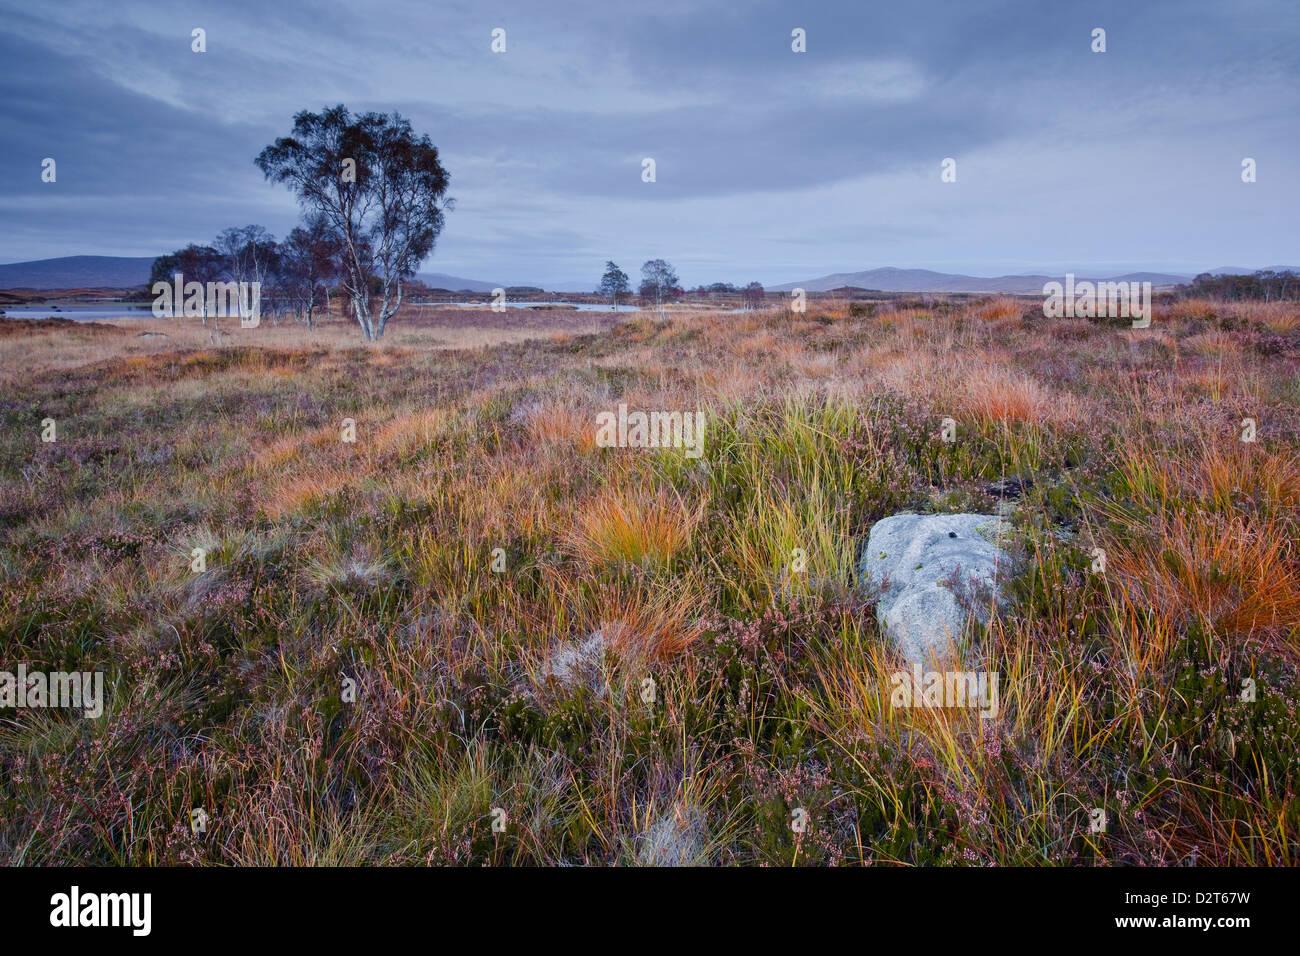 Die Fläche von Rannoch Moor, eine Site of Special Scientific Interest, Highlands, Schottland, Vereinigtes Königreich, Stockbild